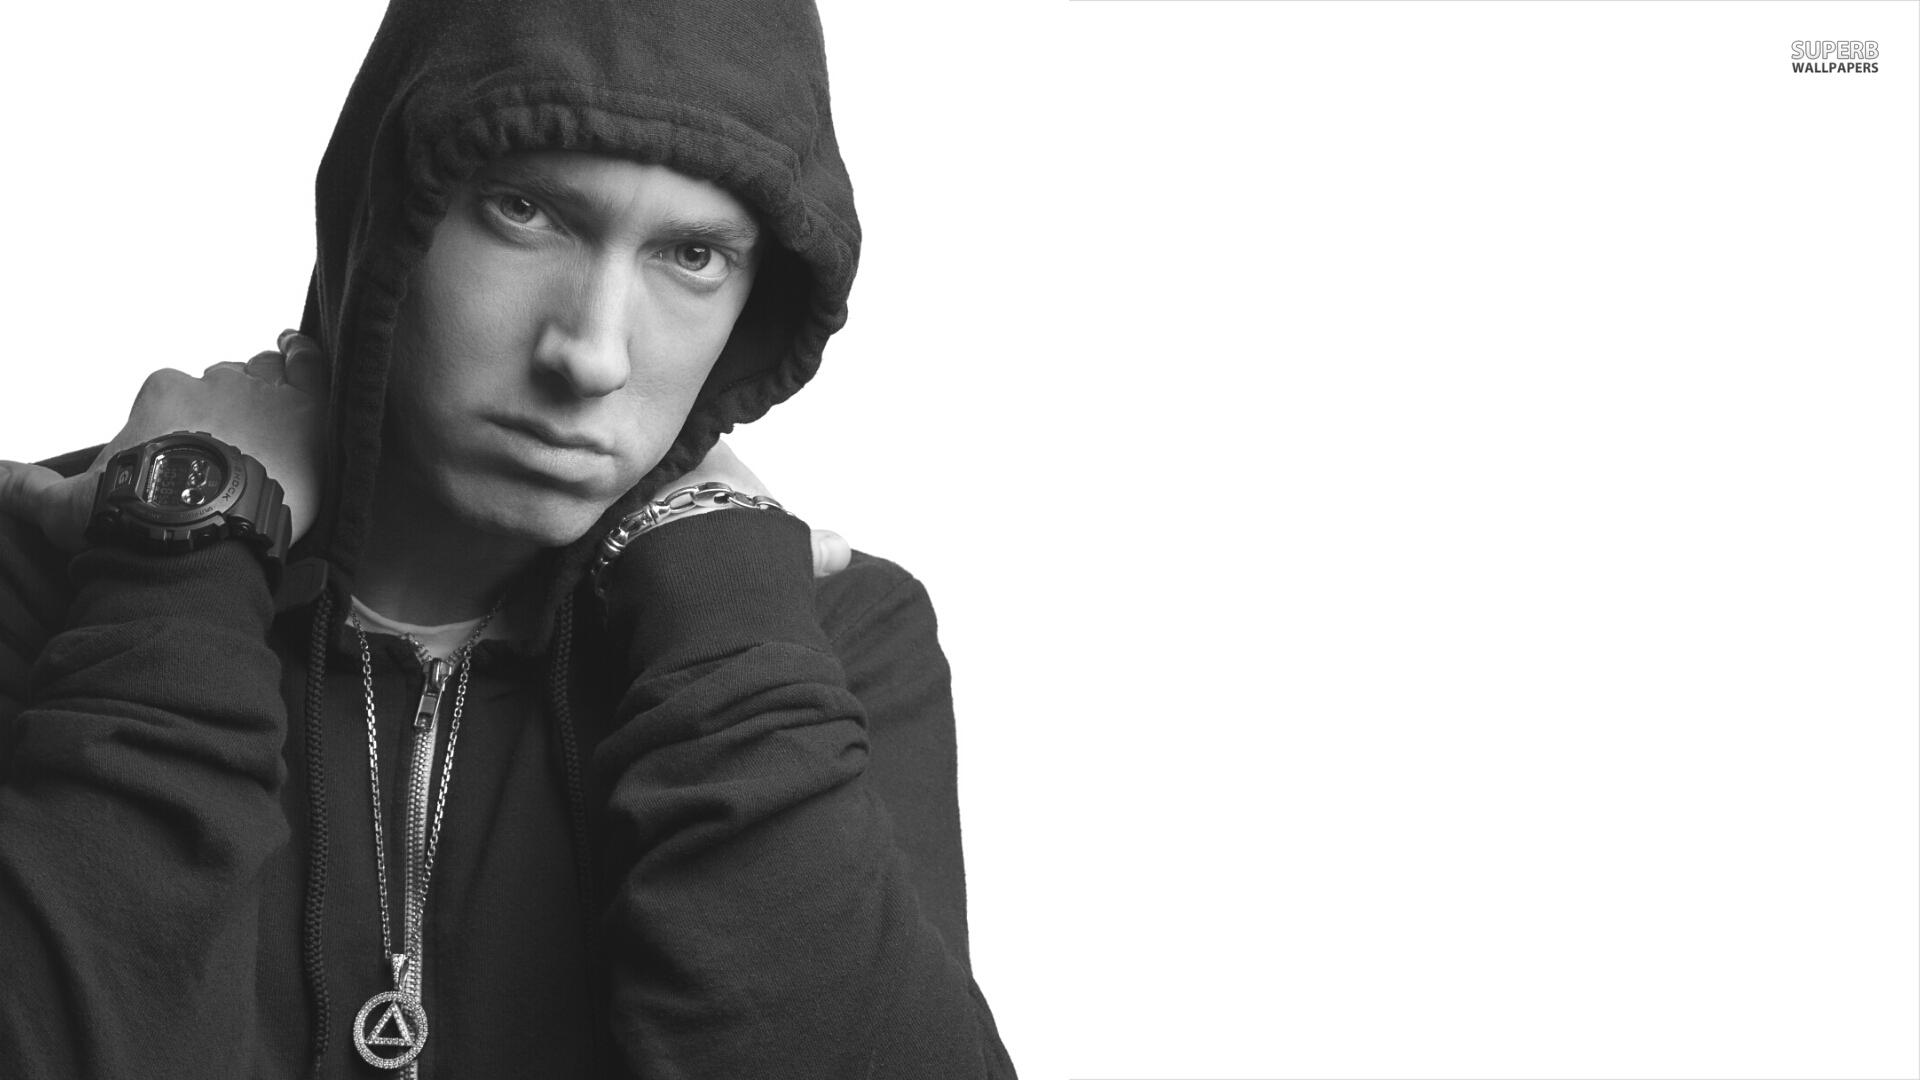 Best Wallpaper Logo Eminem - Eminem-wallpaper-hd-067  Best Photo Reference_946293.jpg